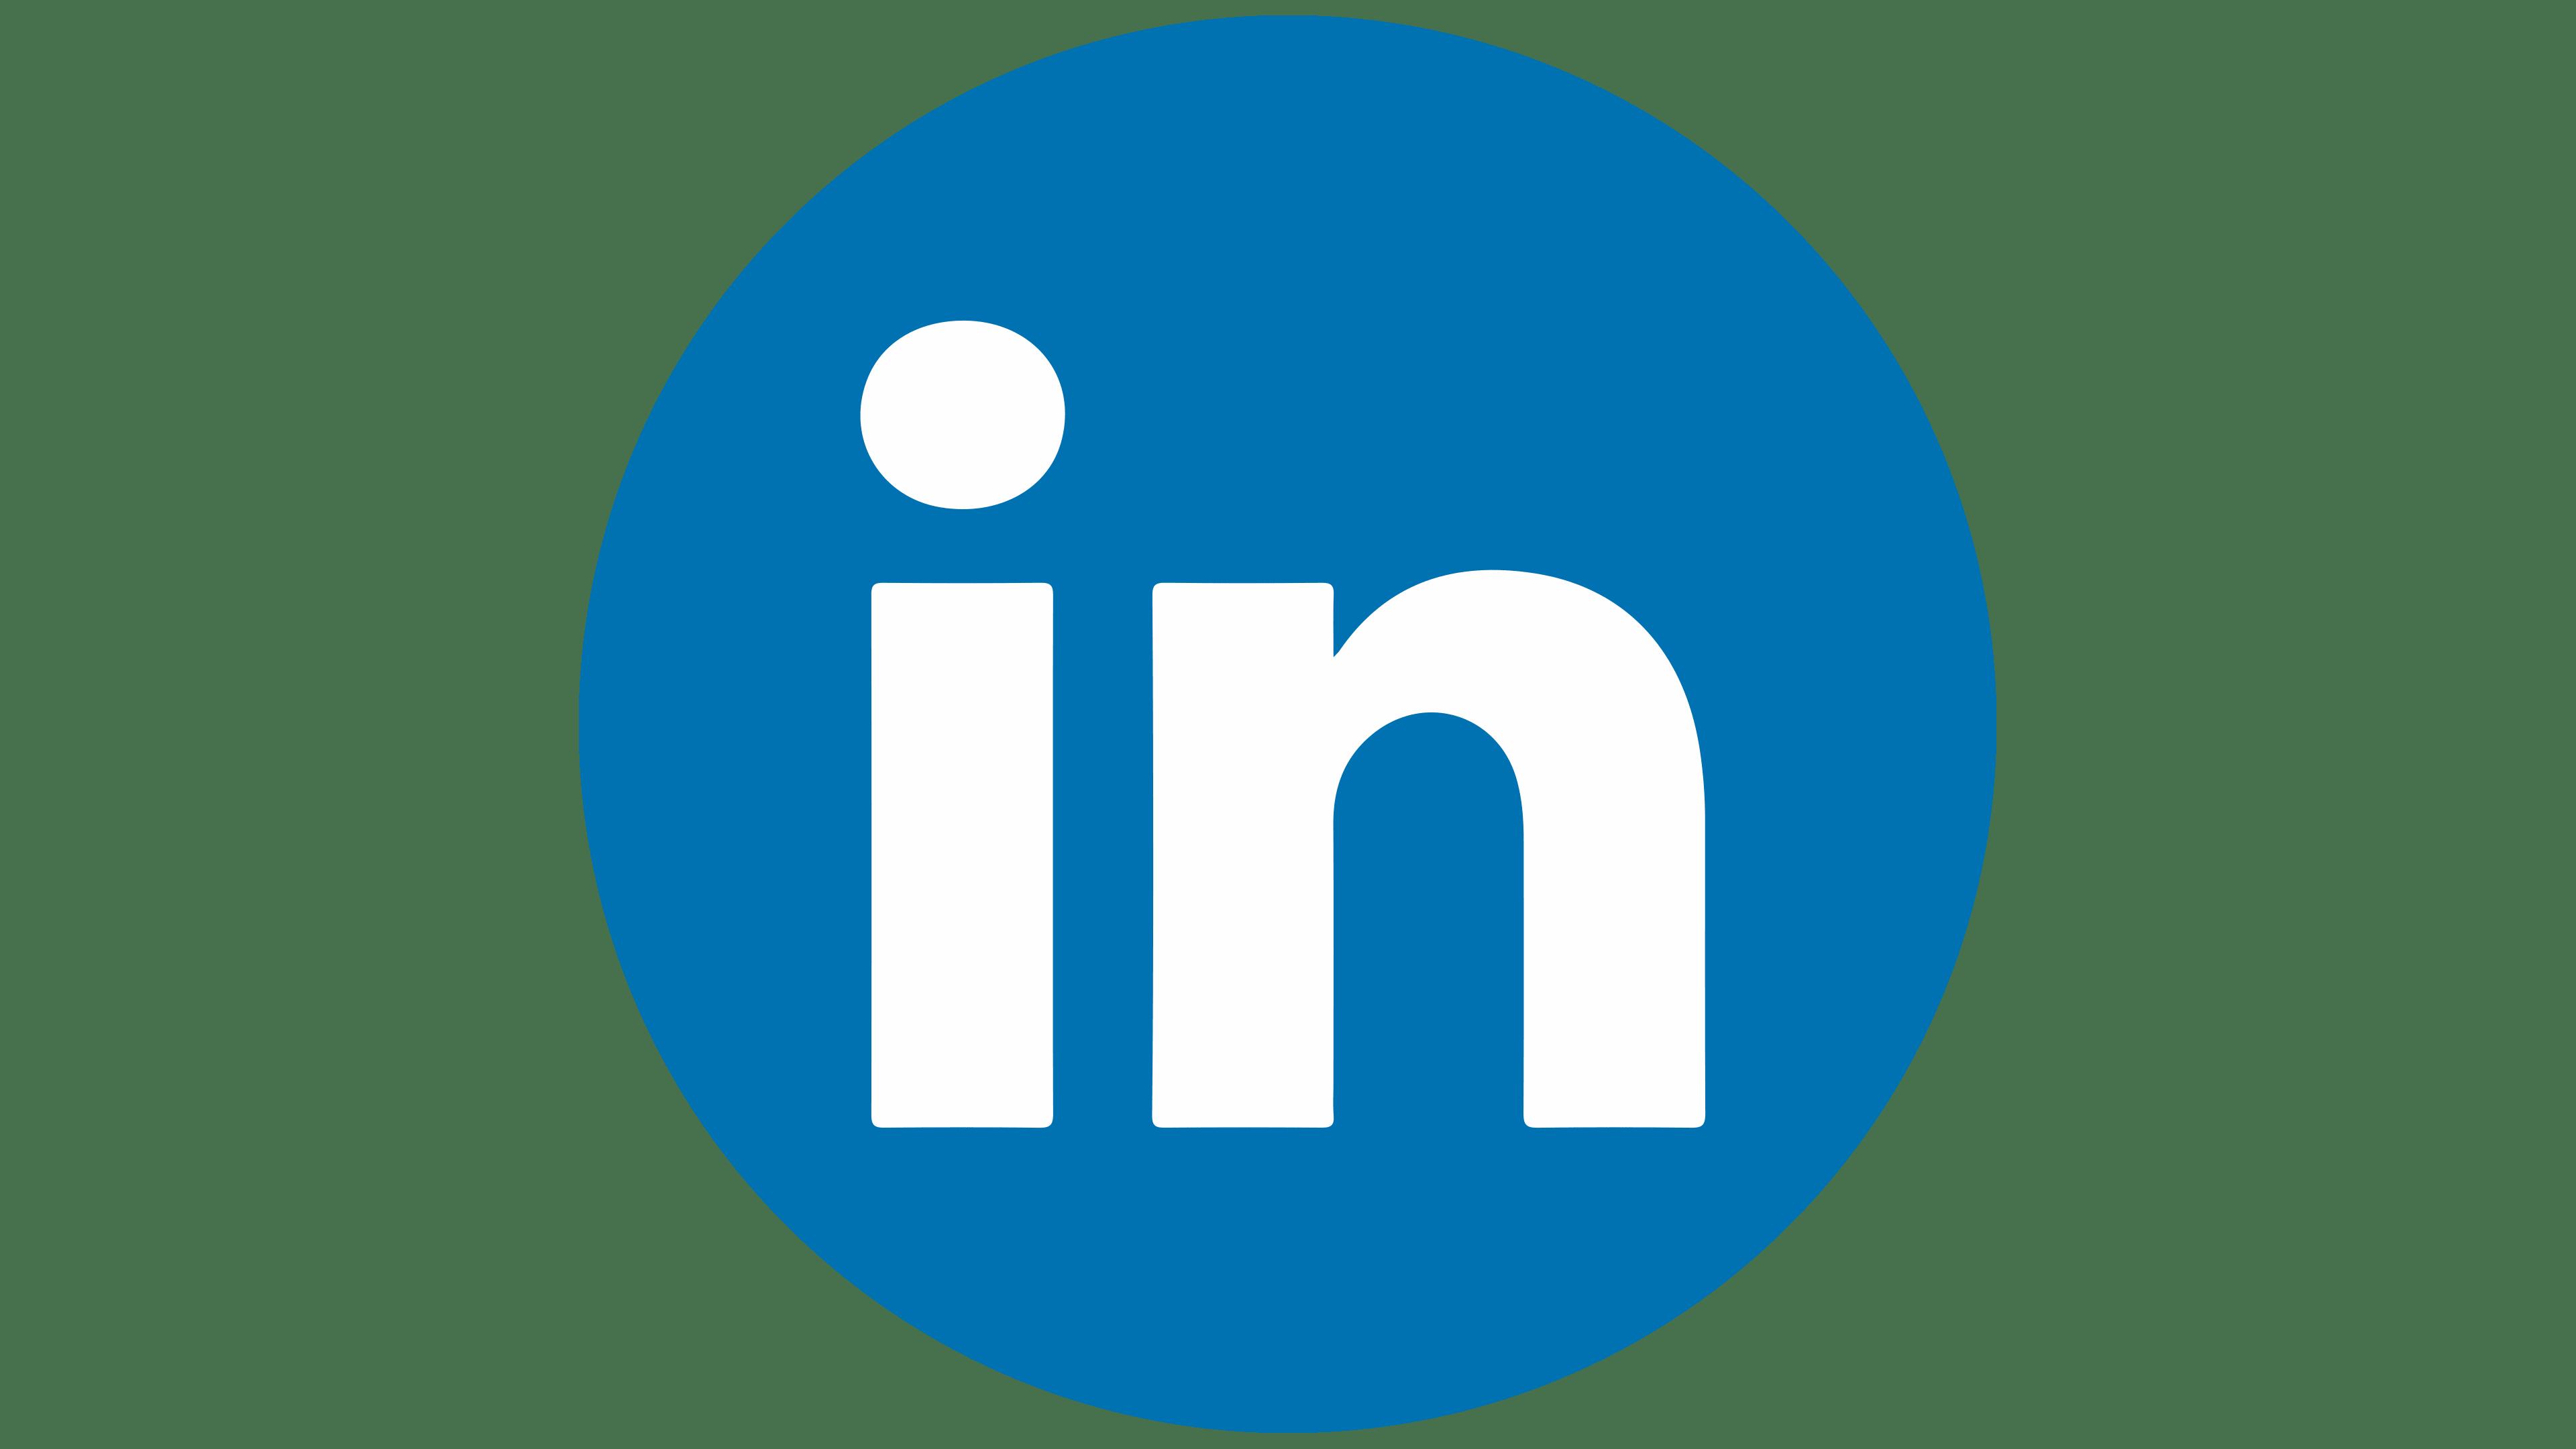 Linkedin Logo : histoire, signification de l'emblème